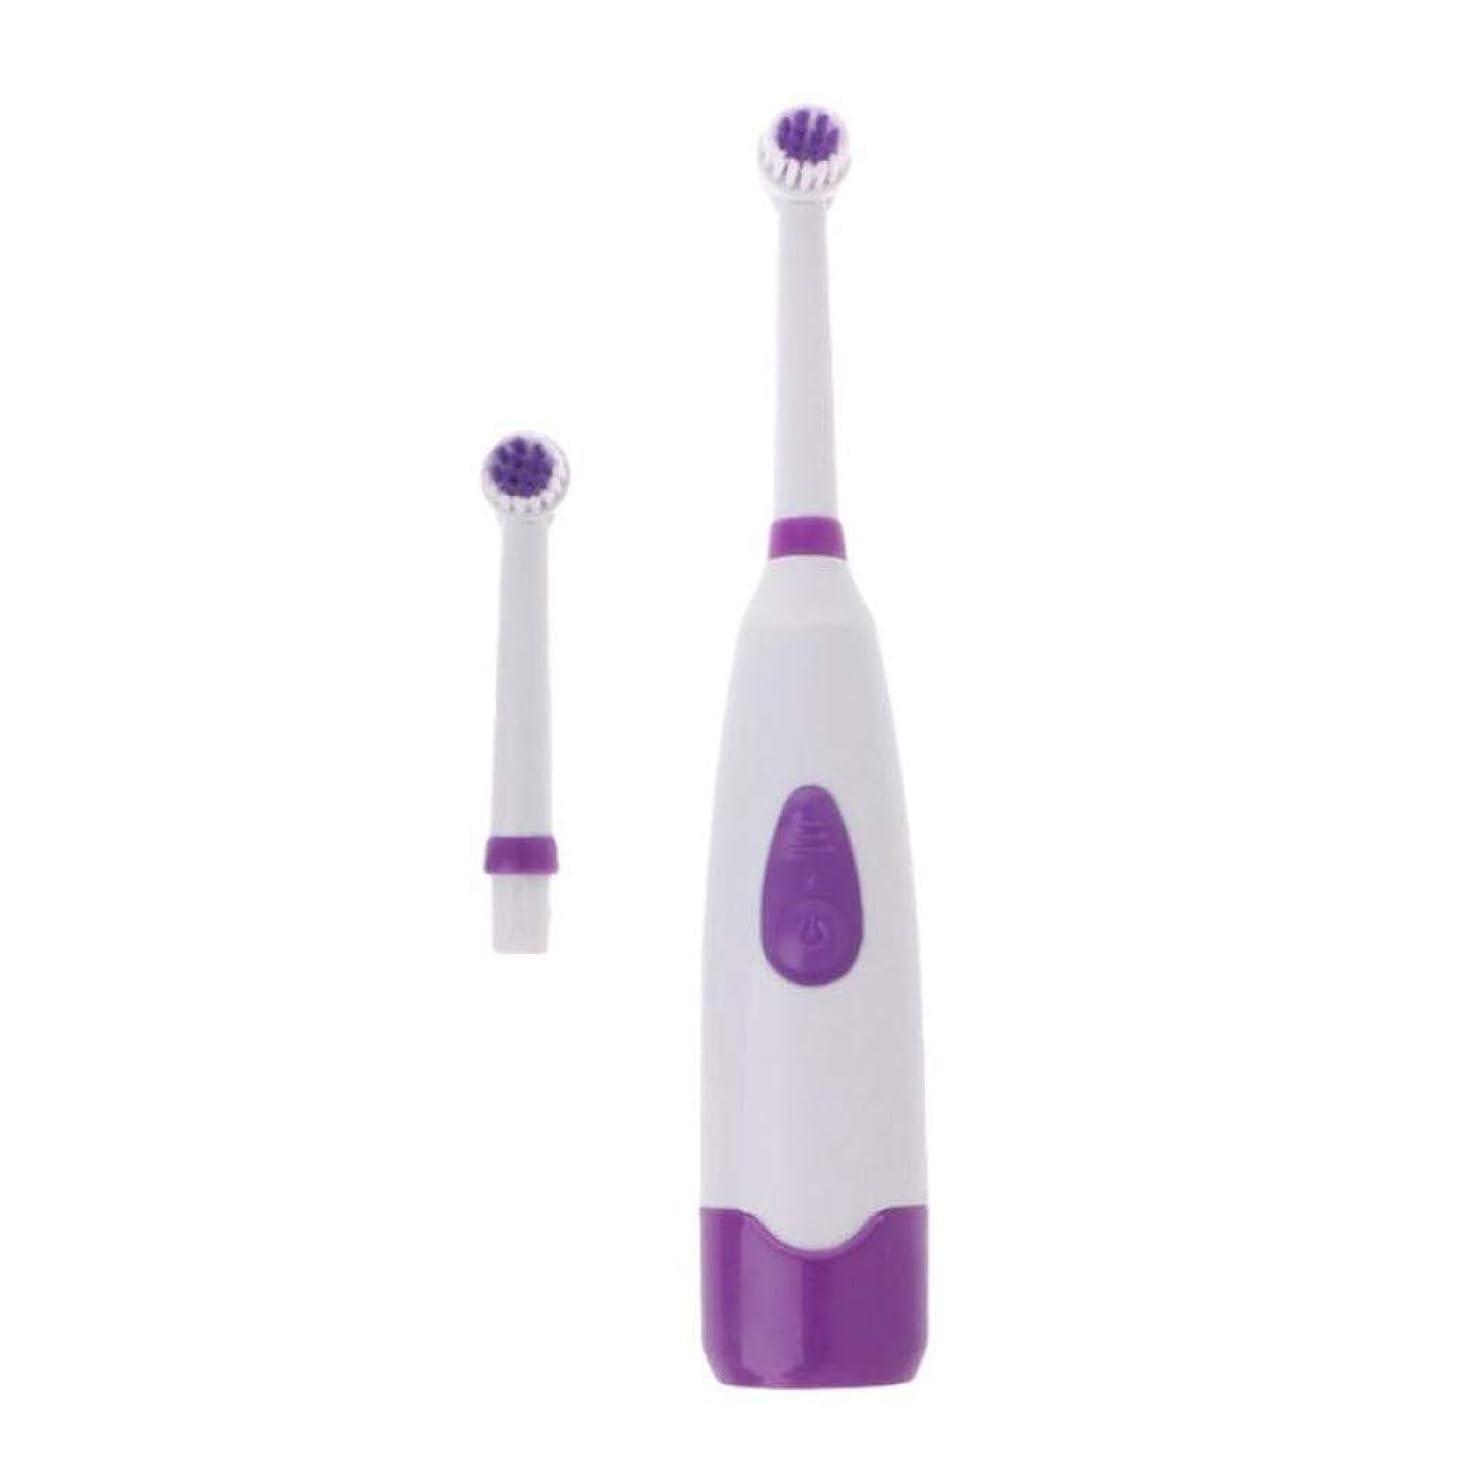 自動電動歯ブラシ回転式超音波歯ブラシ交換ヘッド付きの口腔清掃用歯ブラシ、紫